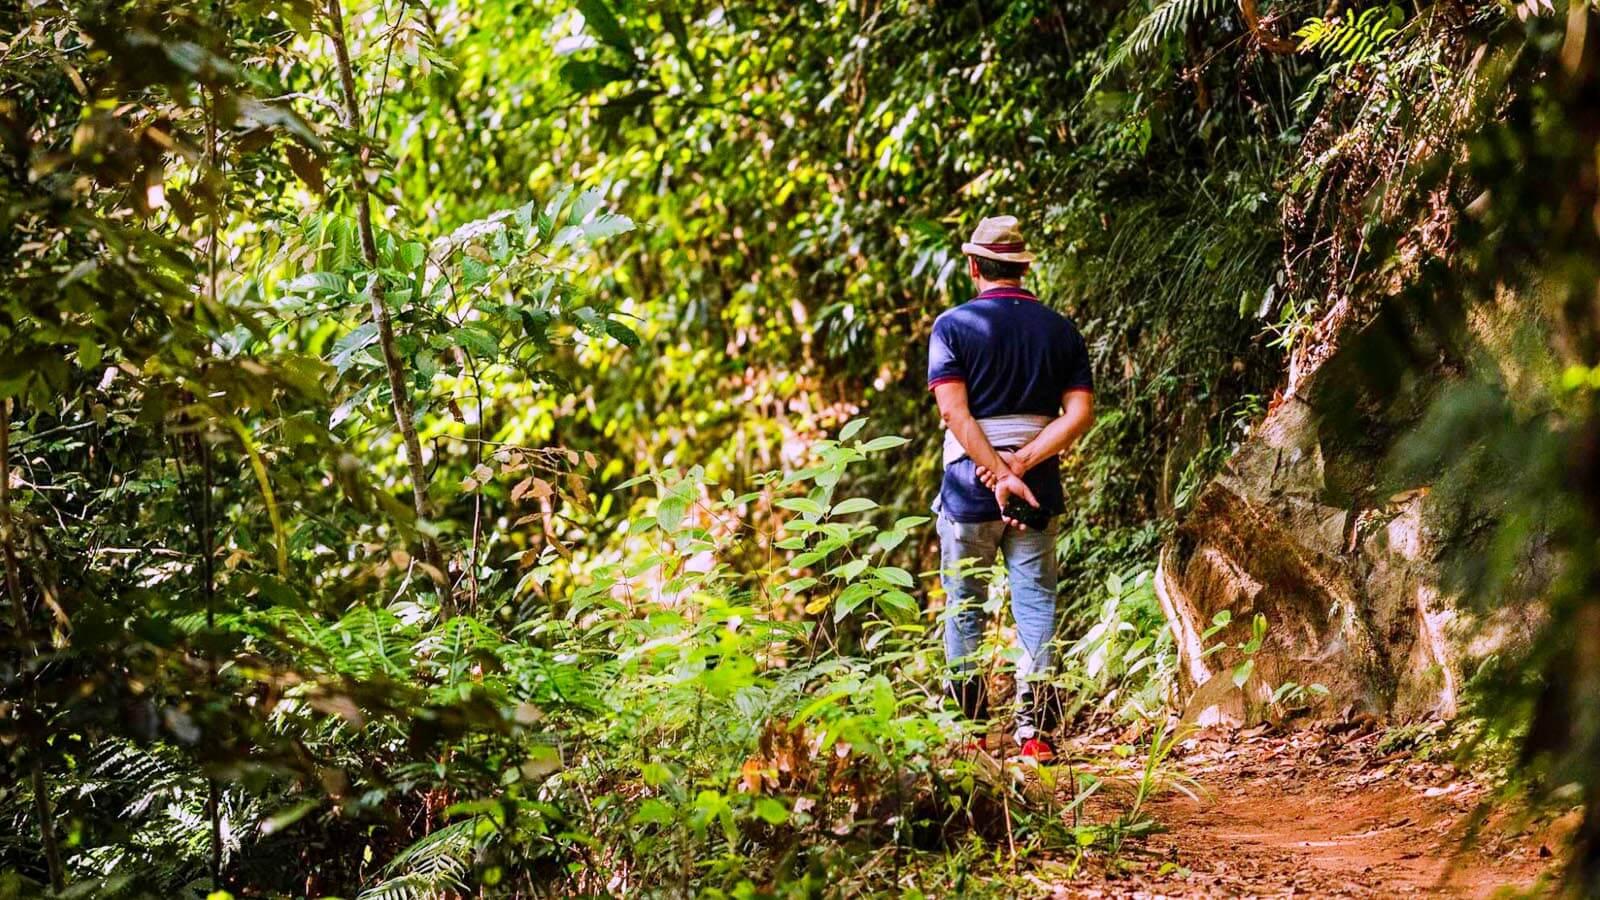 Private Day Tour in Sinharaja Jungle Safari